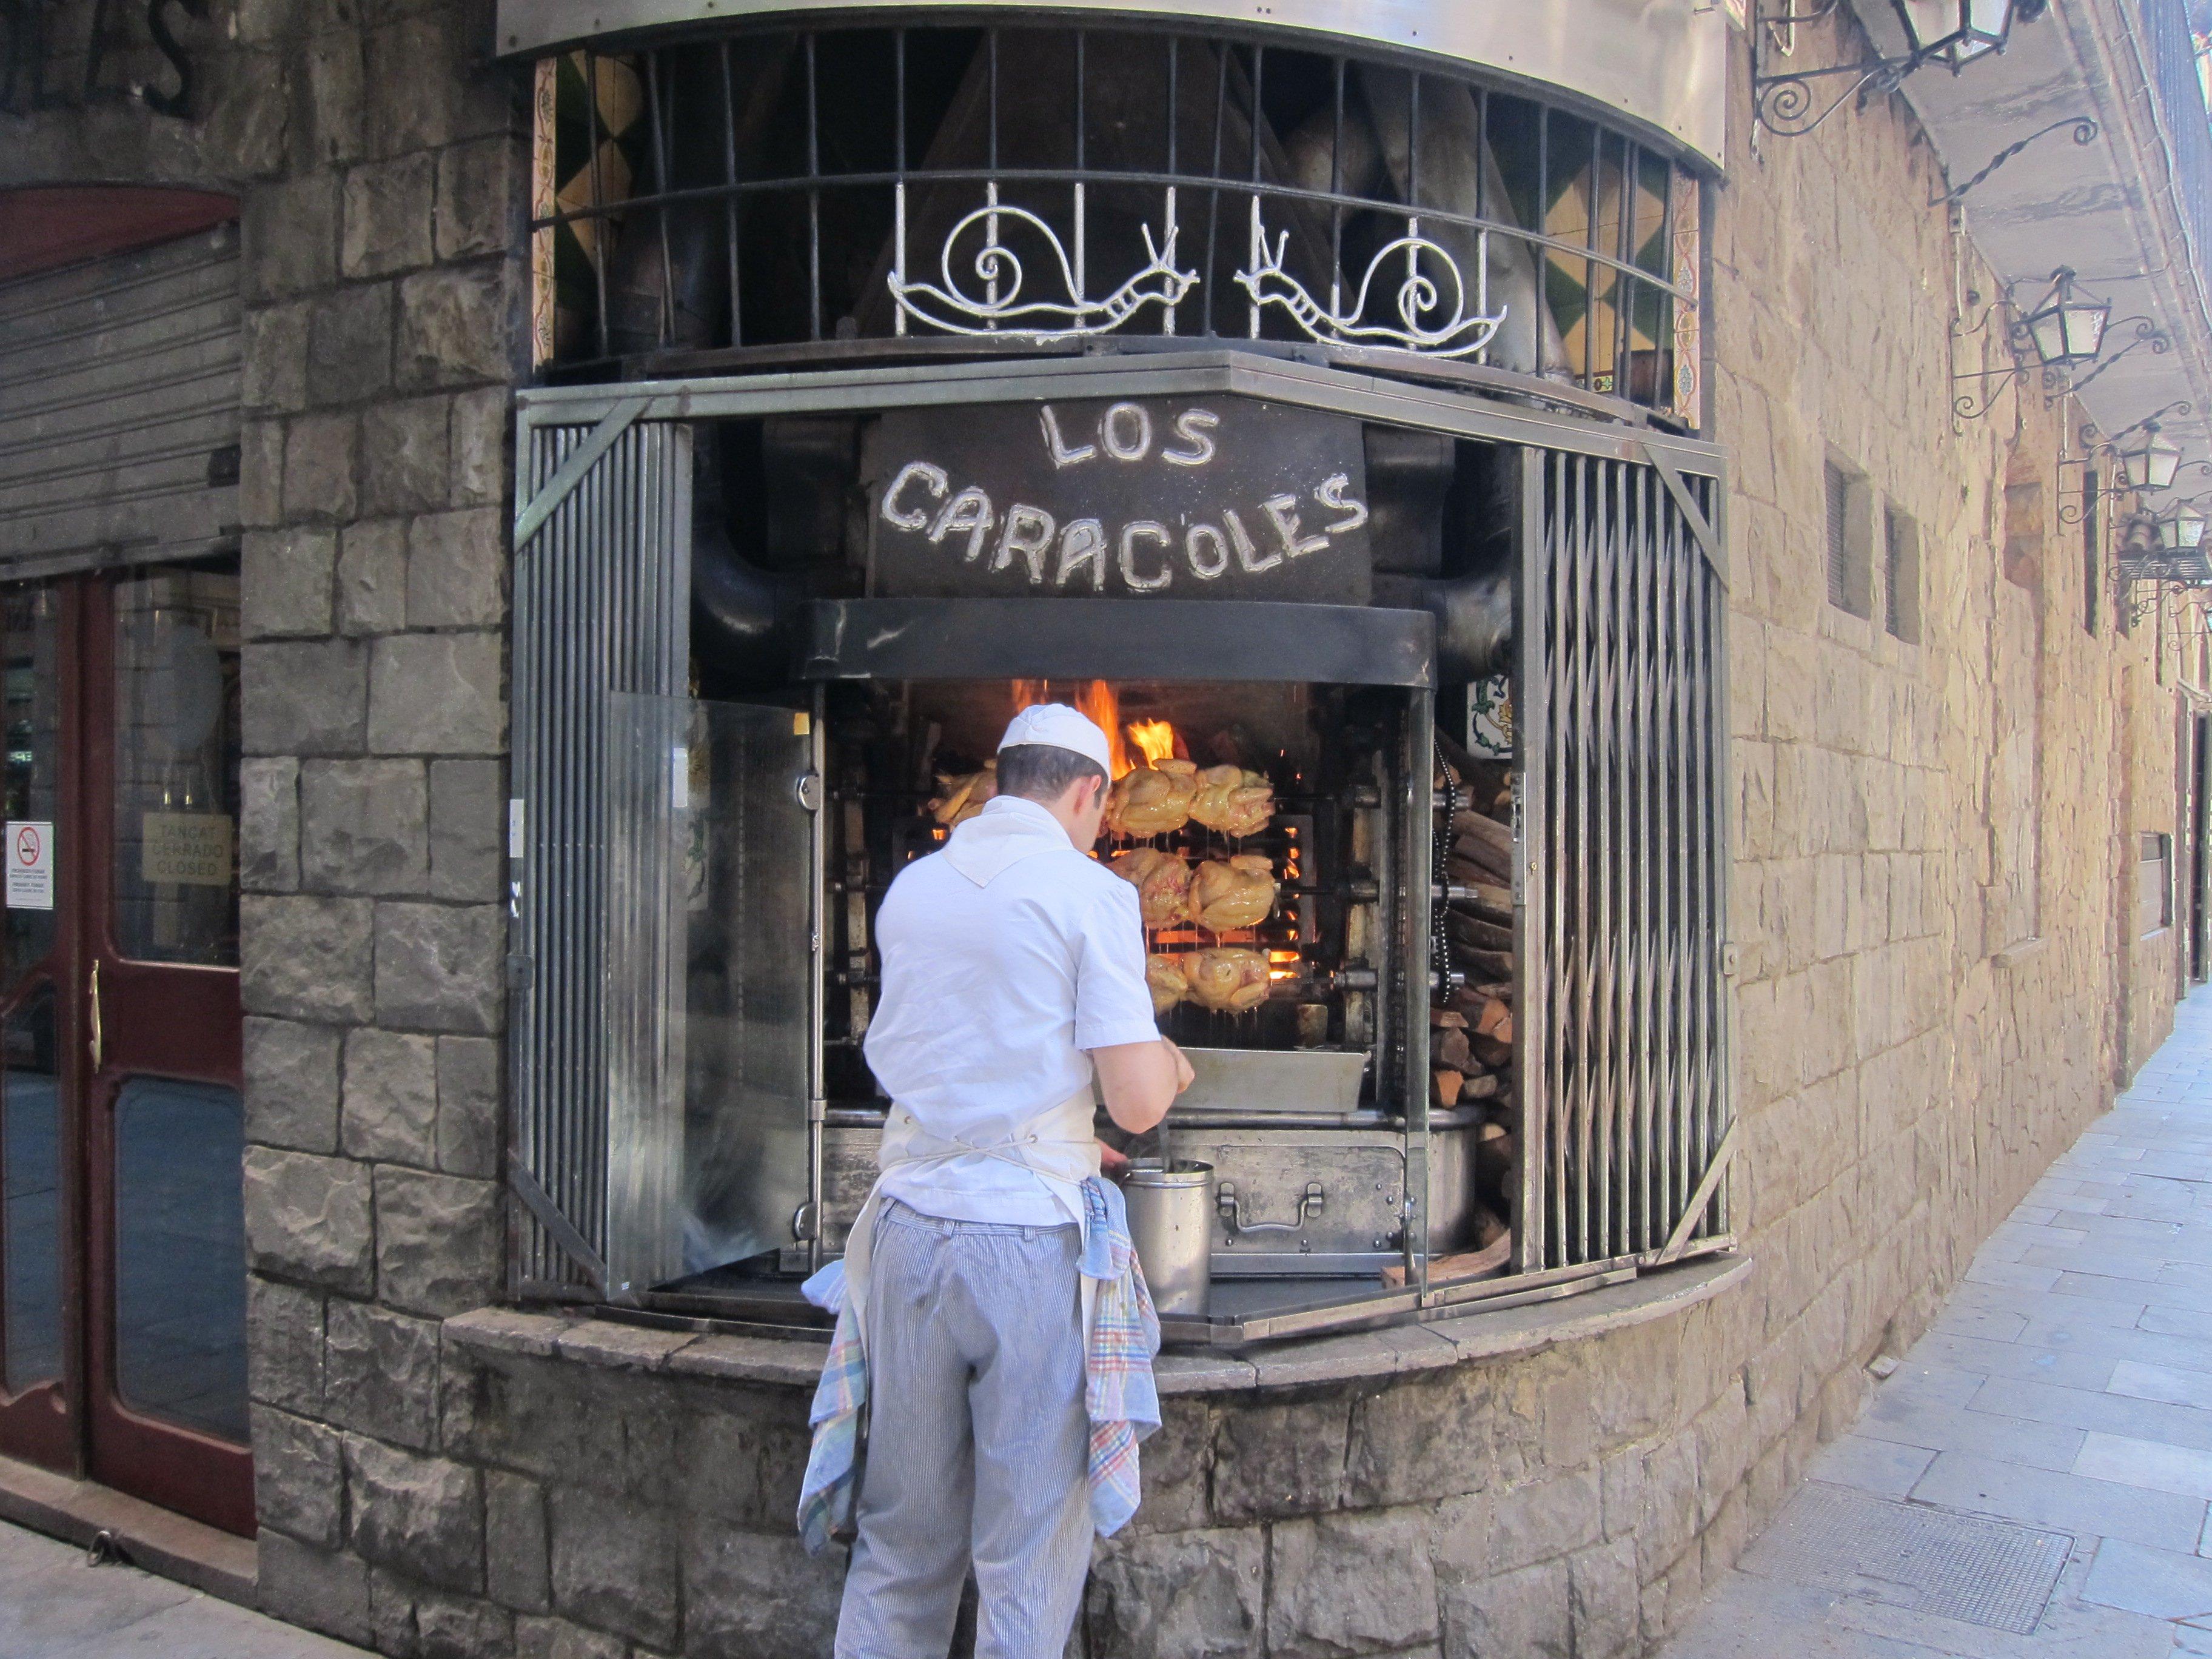 Los Caracoles, Barcelona